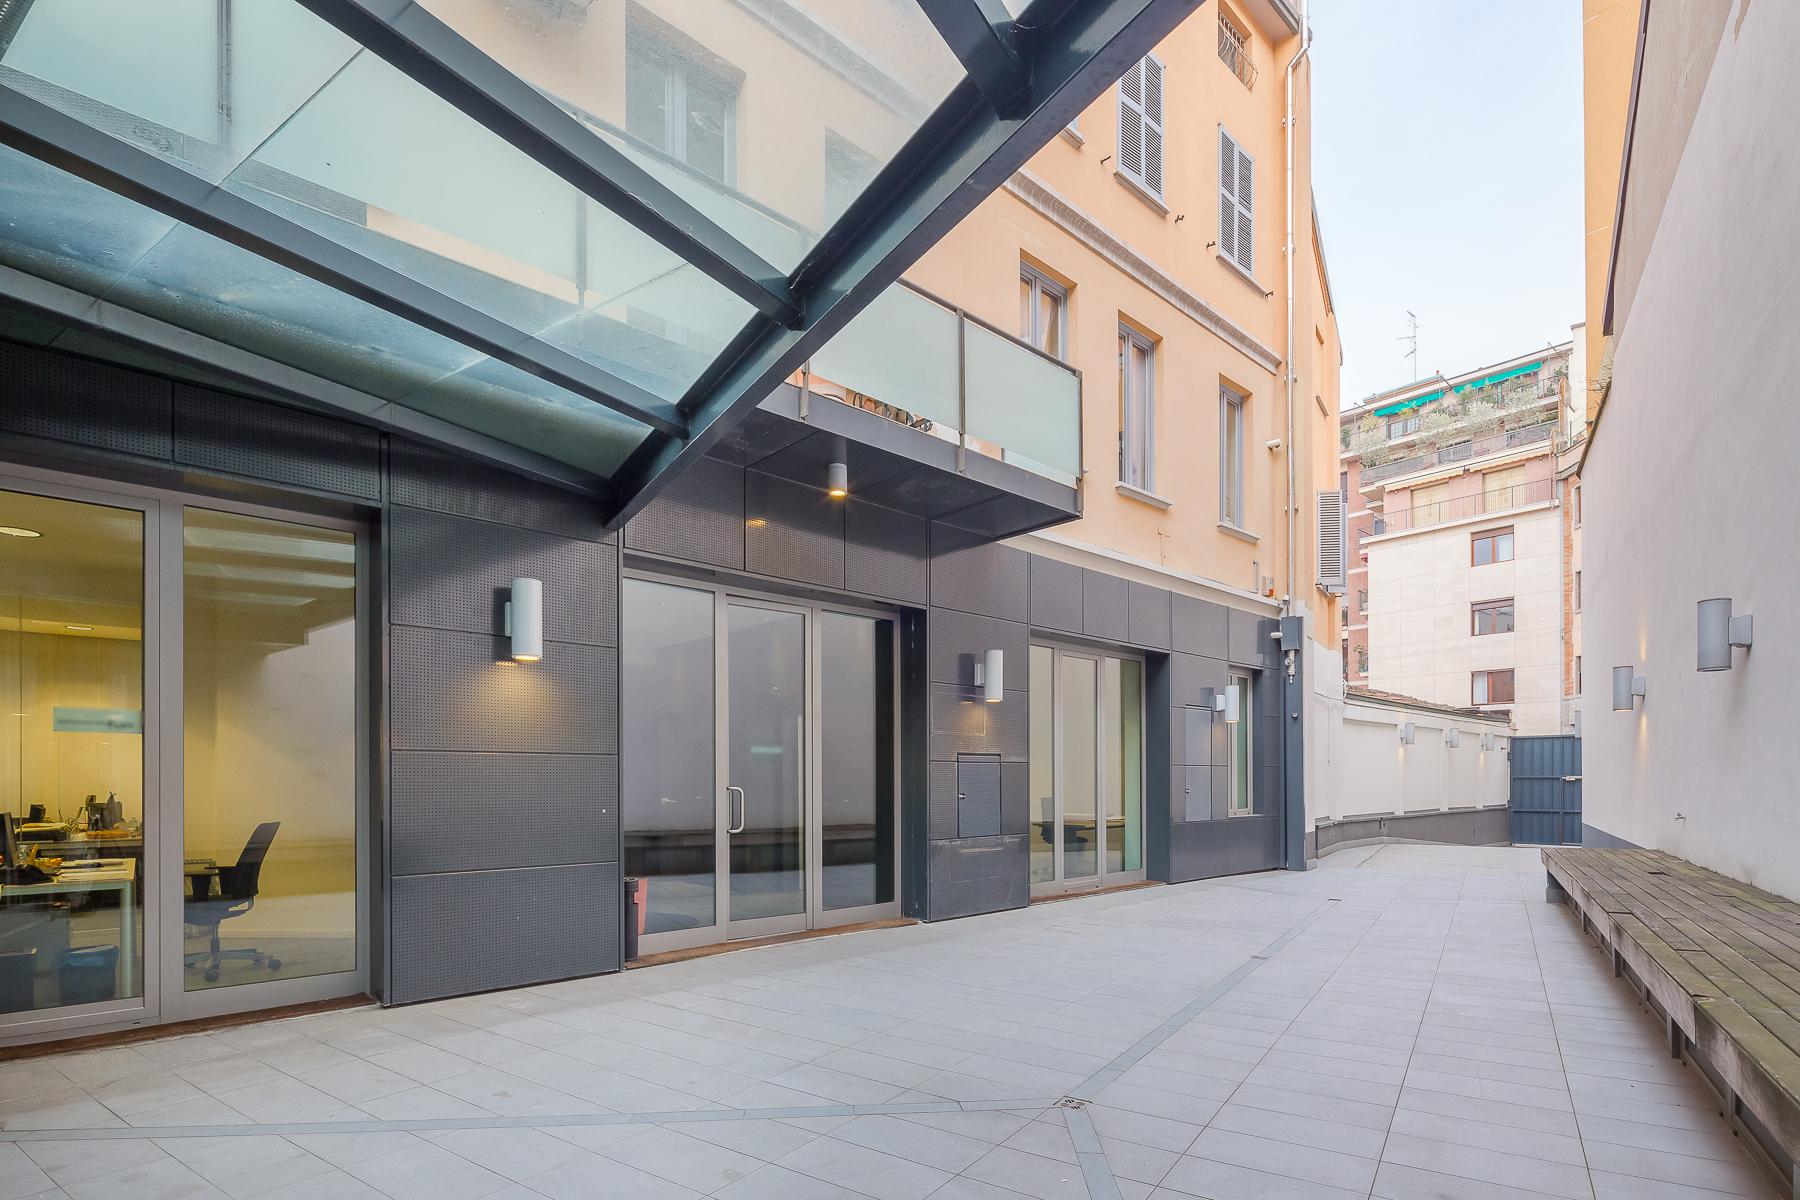 Casa indipendente in Vendita a Milano: 5 locali, 590 mq - Foto 24